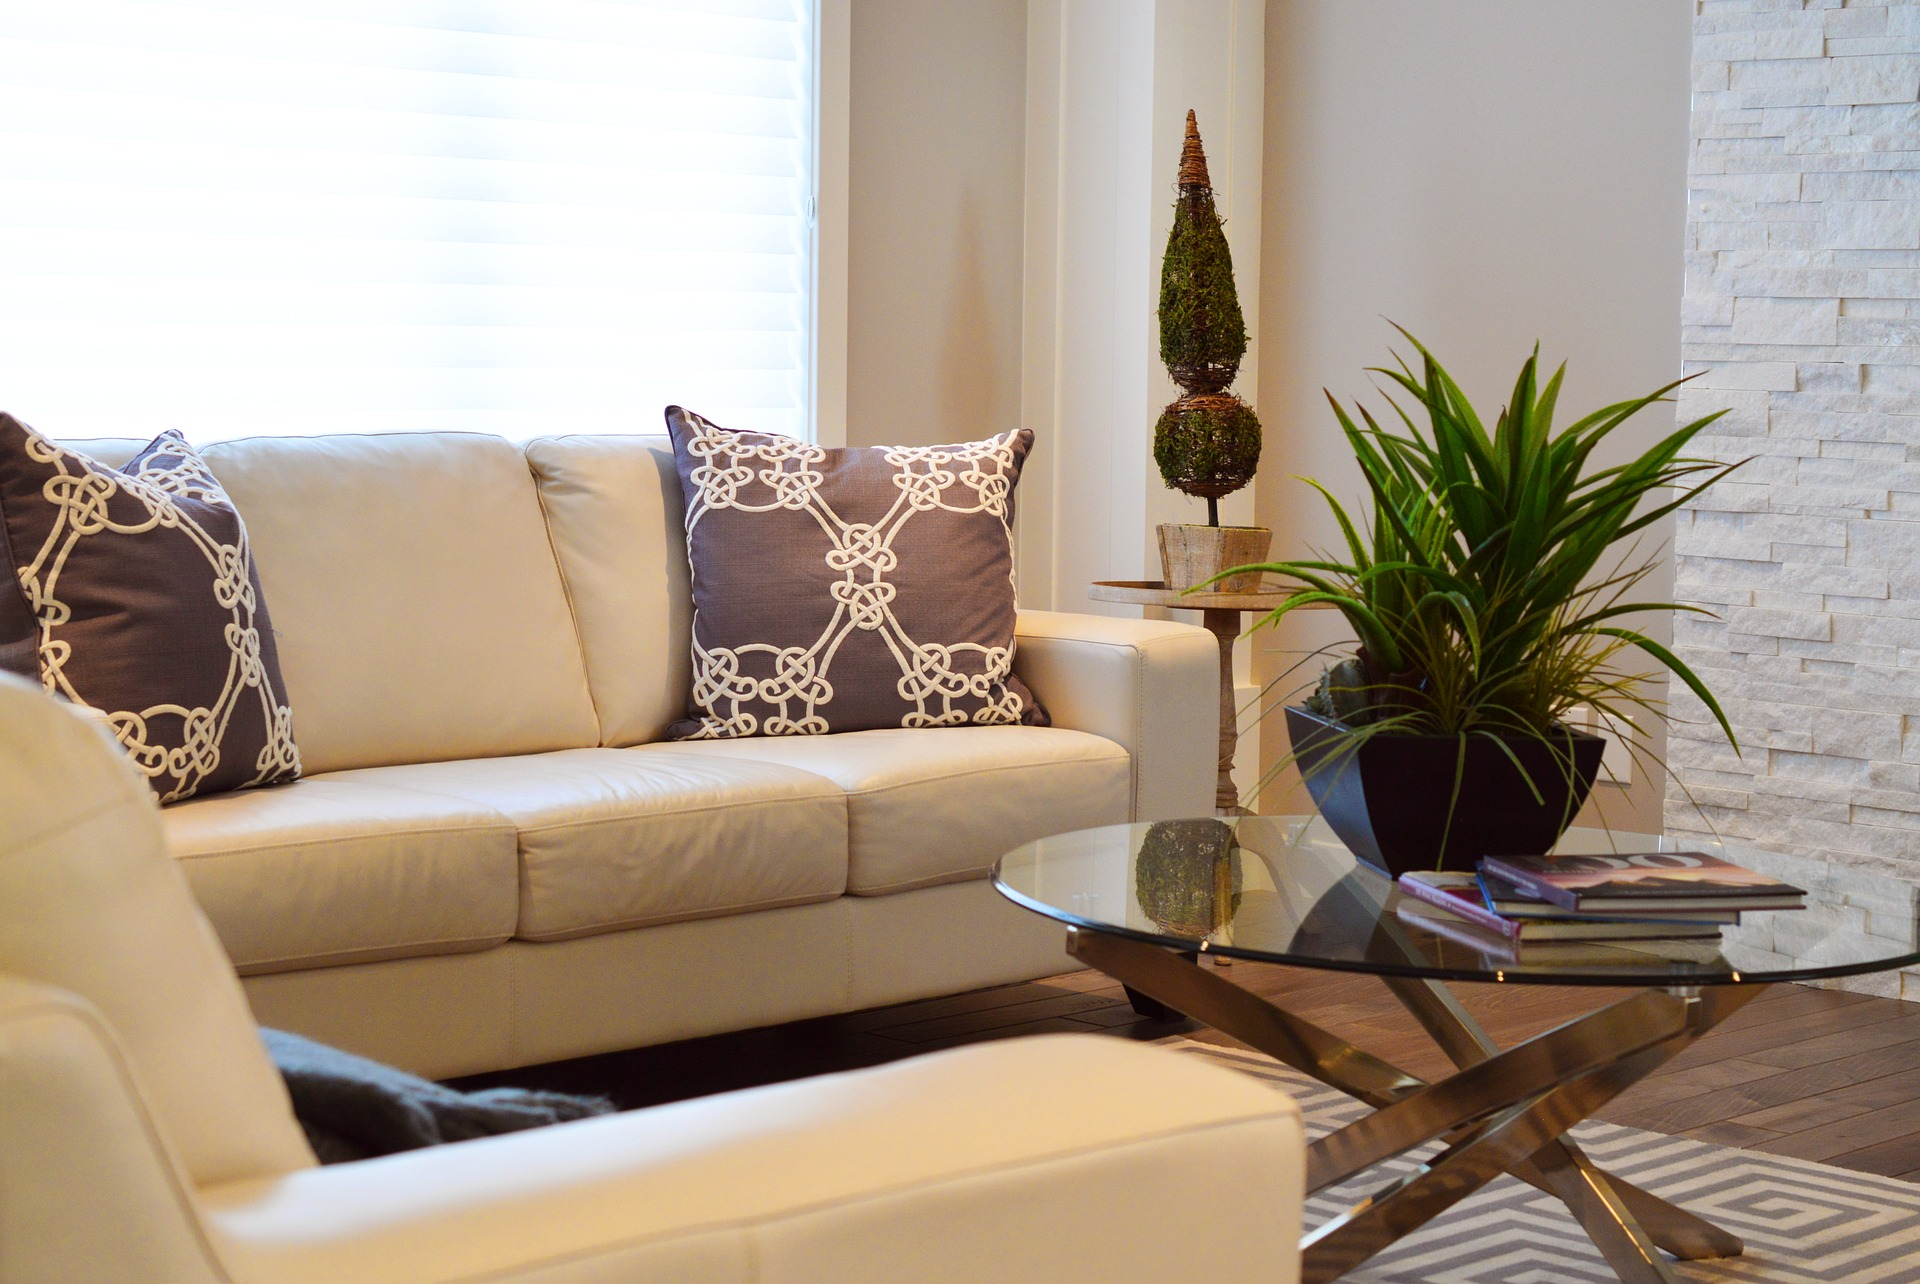 Come pulire il divano in pelle bianca con un ingrediente - Pulire divano pelle sapone marsiglia ...